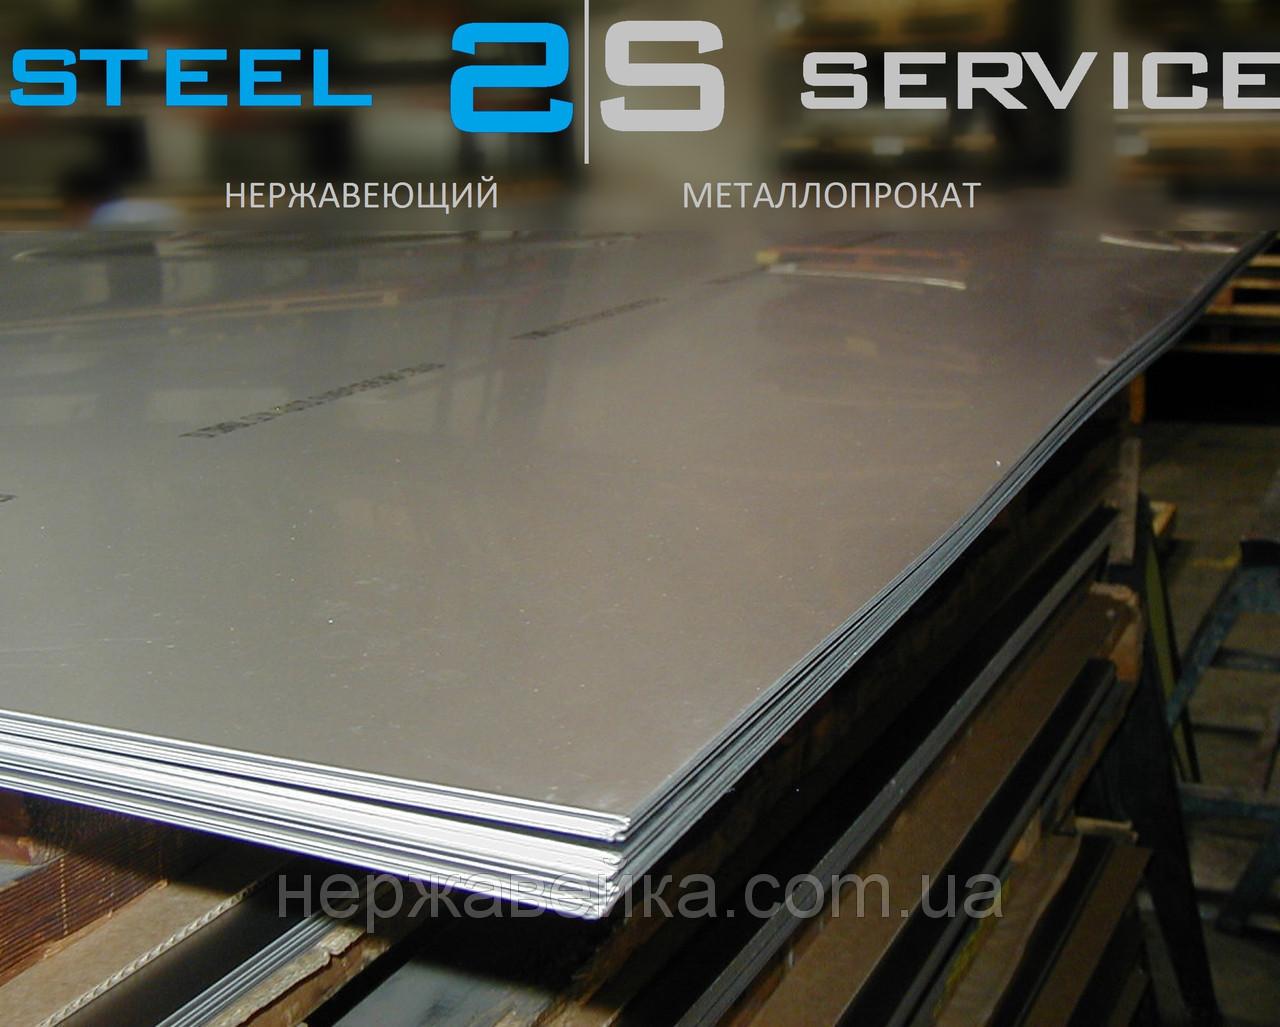 Нержавеющий лист 2х1250х2500мм AISI 430(12Х17) BA - зеркало, технический